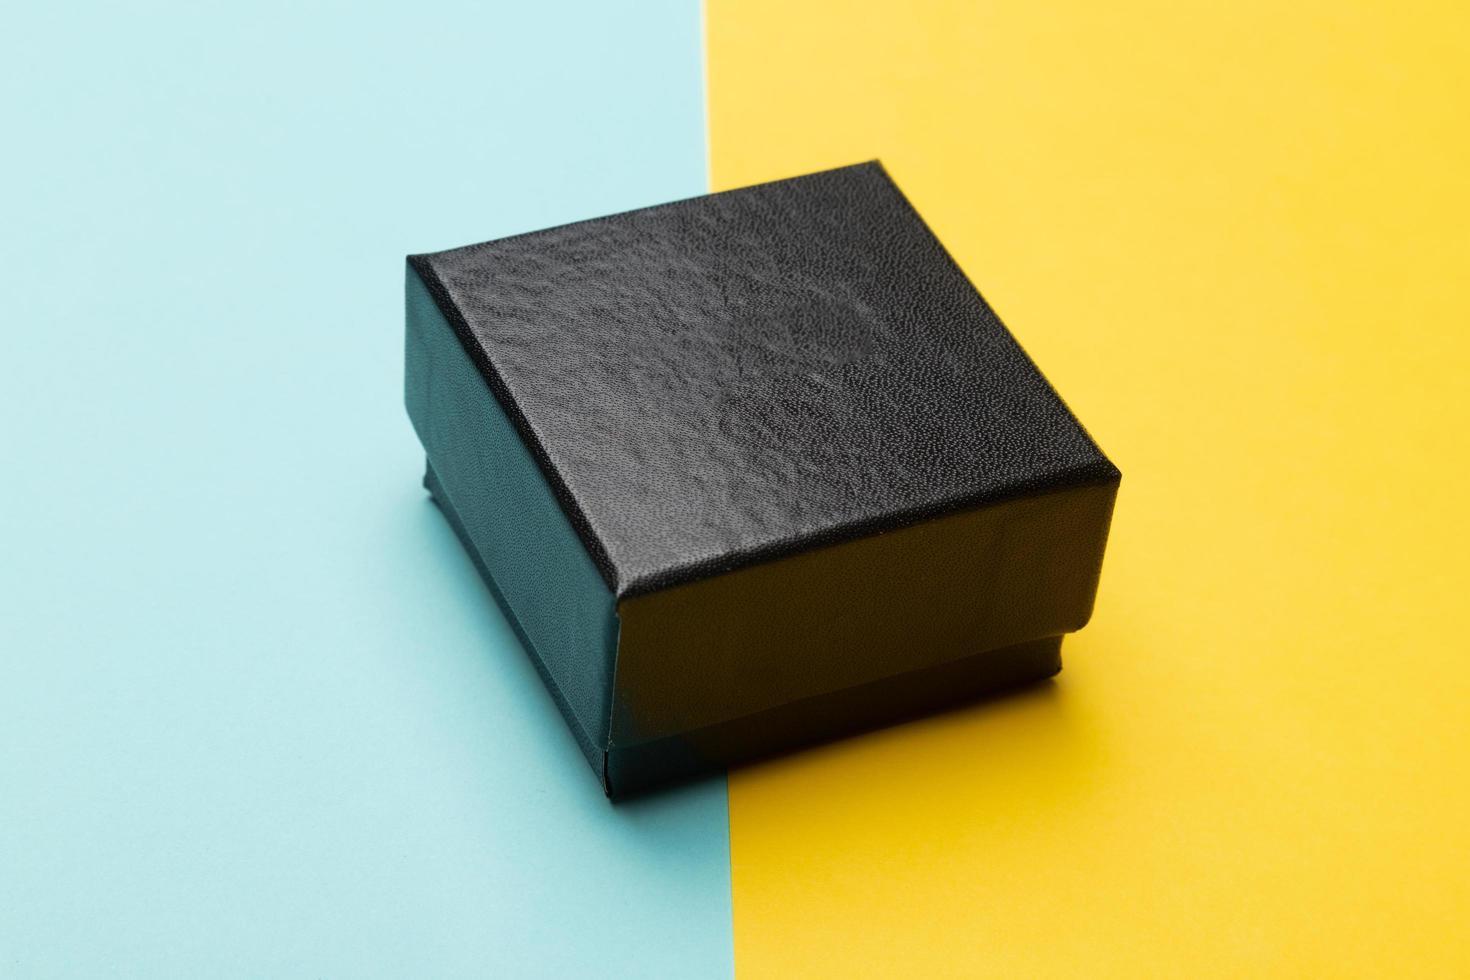 Mini-Blackbox isoliert auf halb gelbem halb blauem Hintergrund foto